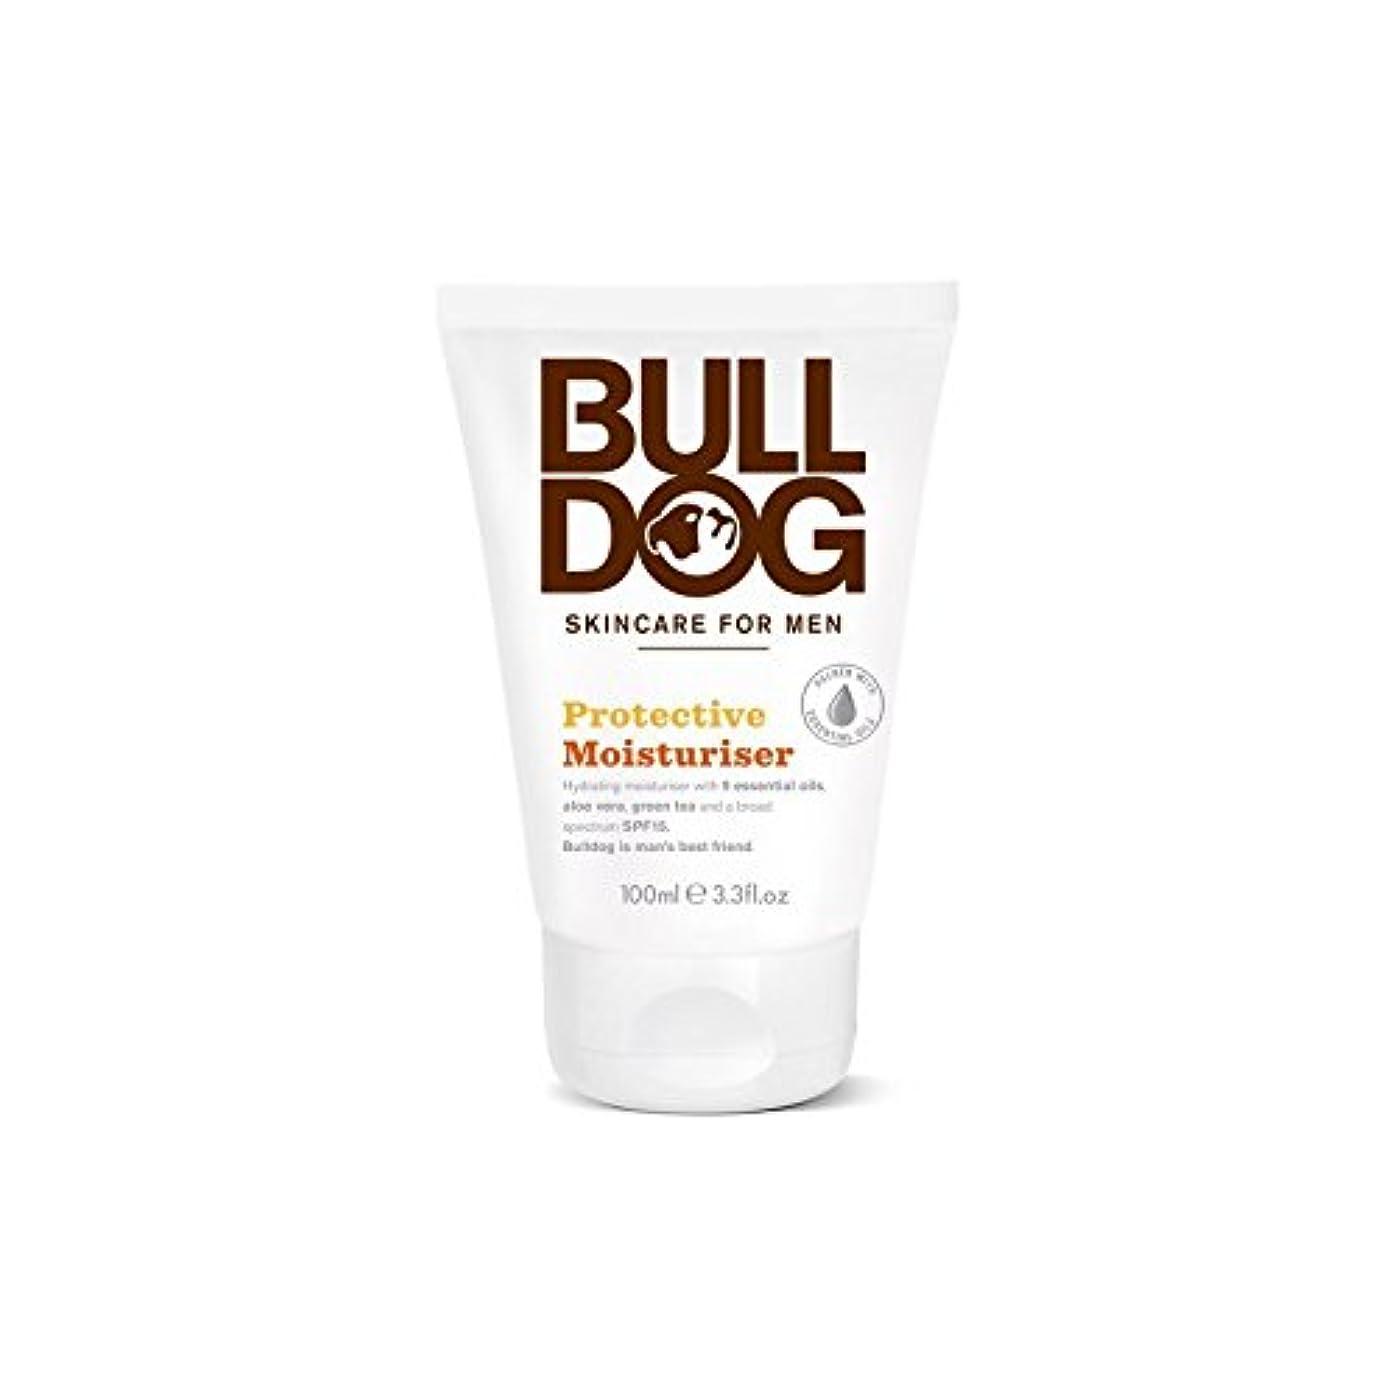 サイズ重要な時刻表Bulldog Protective Moisturiser (100ml) - ブルドッグ保護保湿成分(100ミリリットル) [並行輸入品]